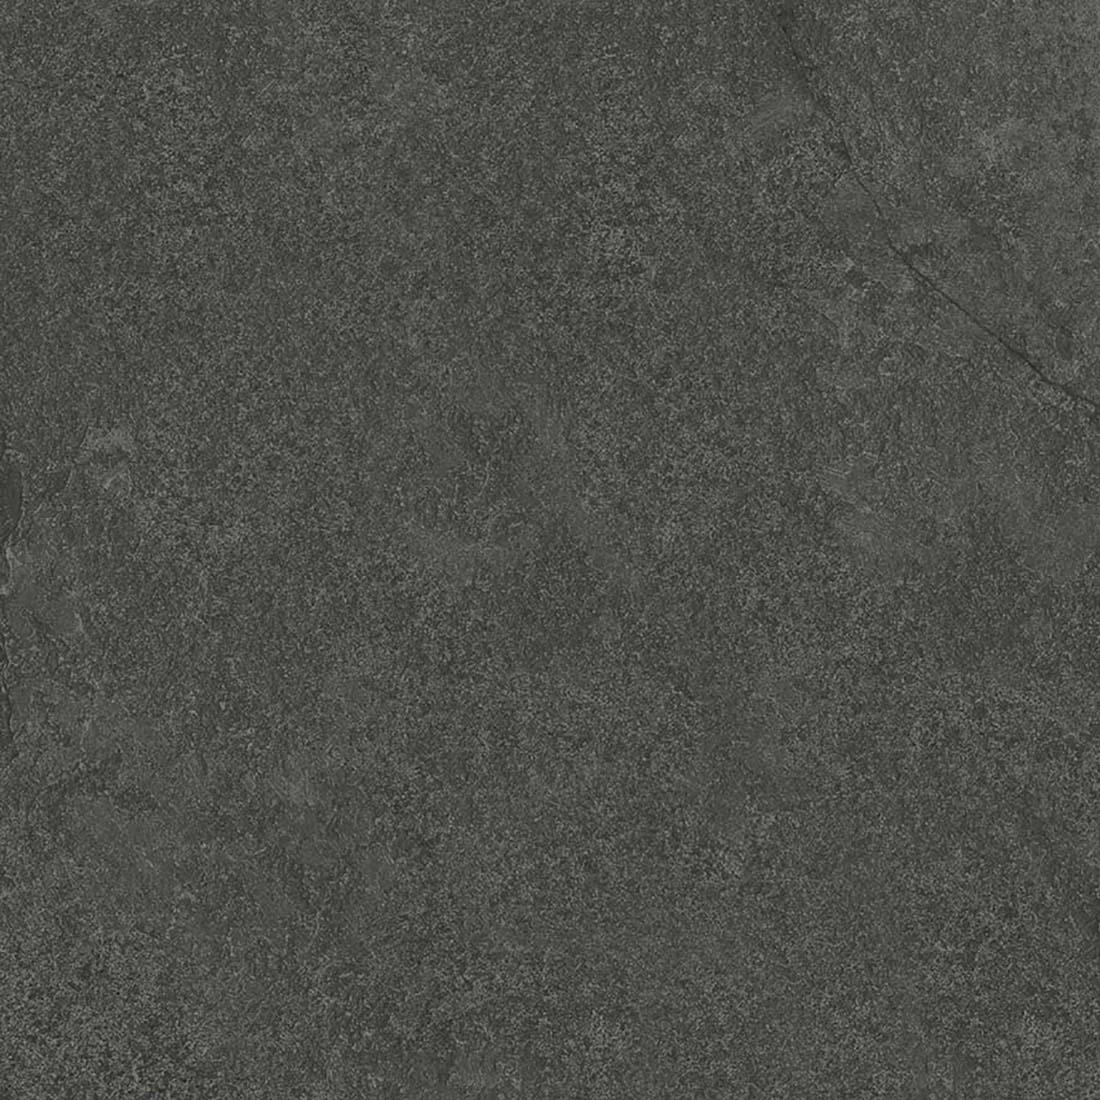 Mix Stone 29.8x29.8 Black Matt 1